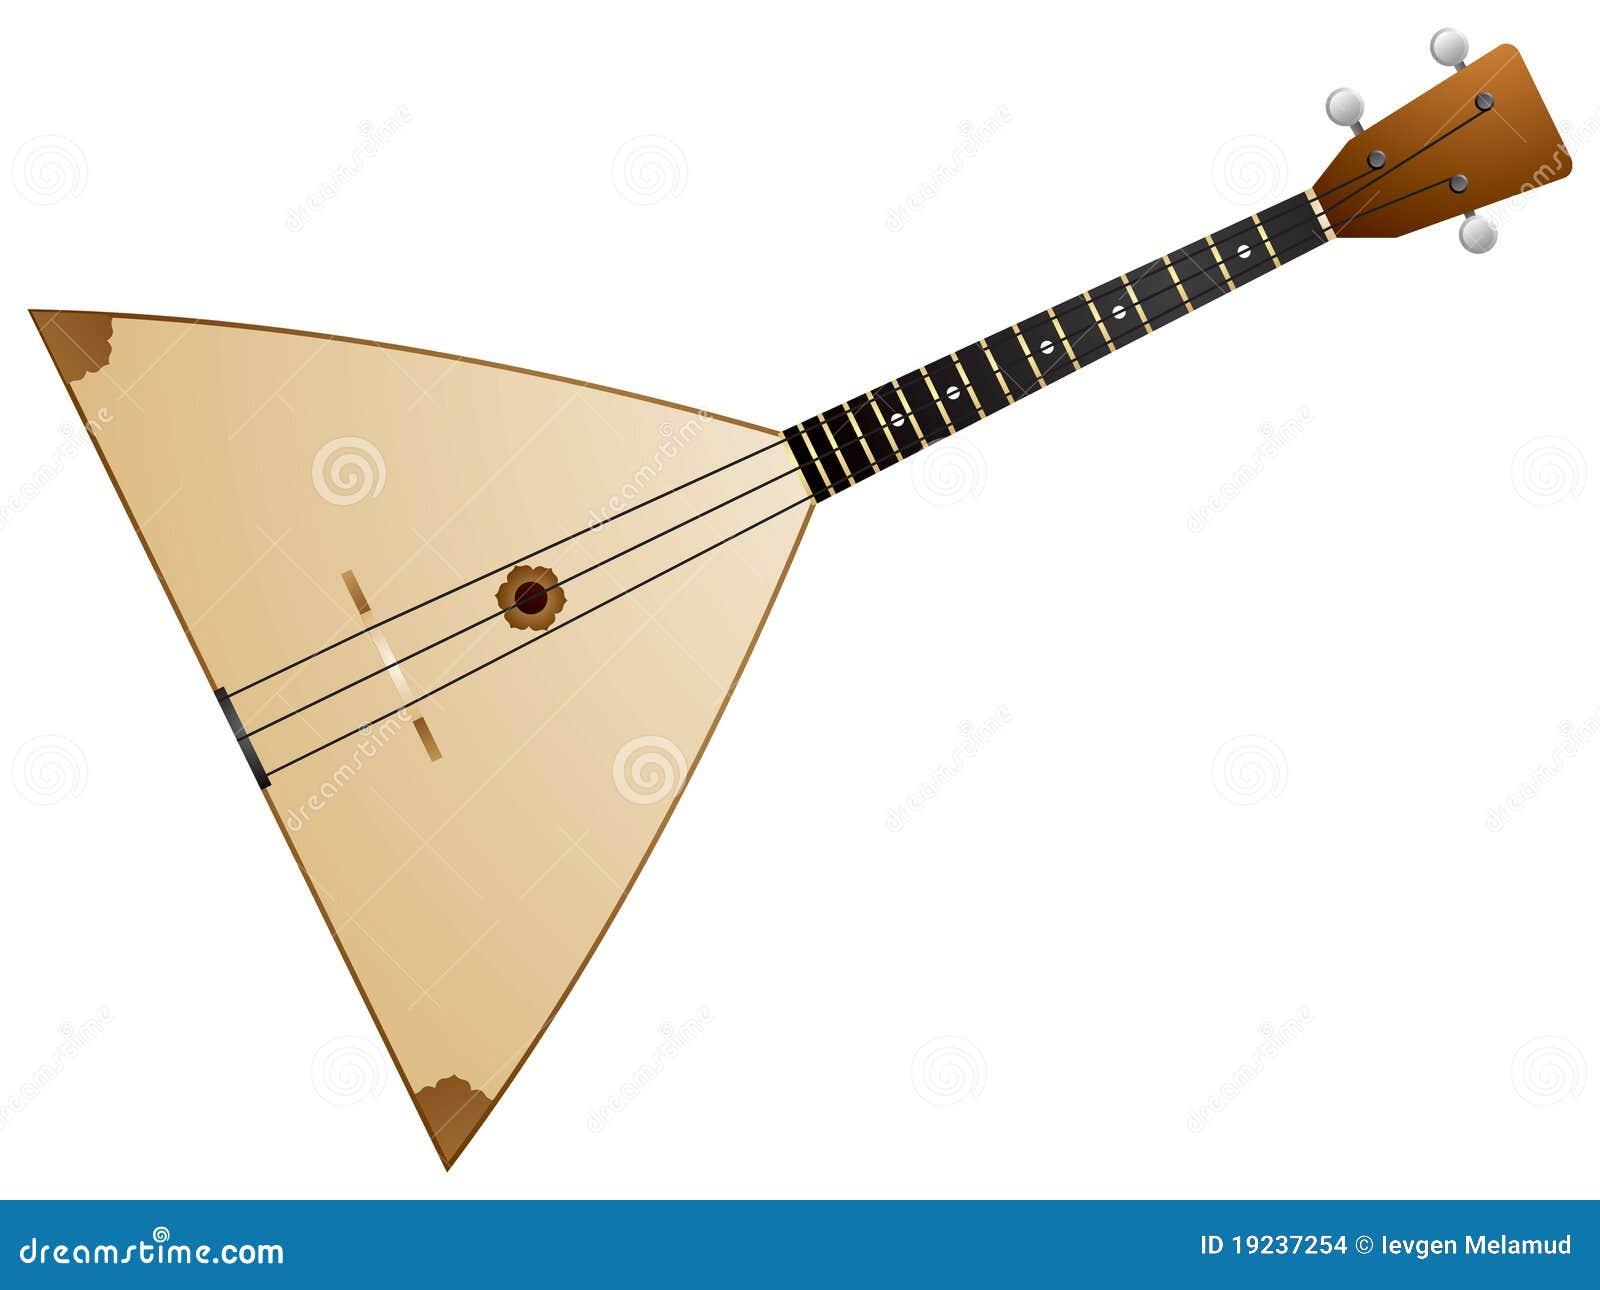 俄式三弦琴图片